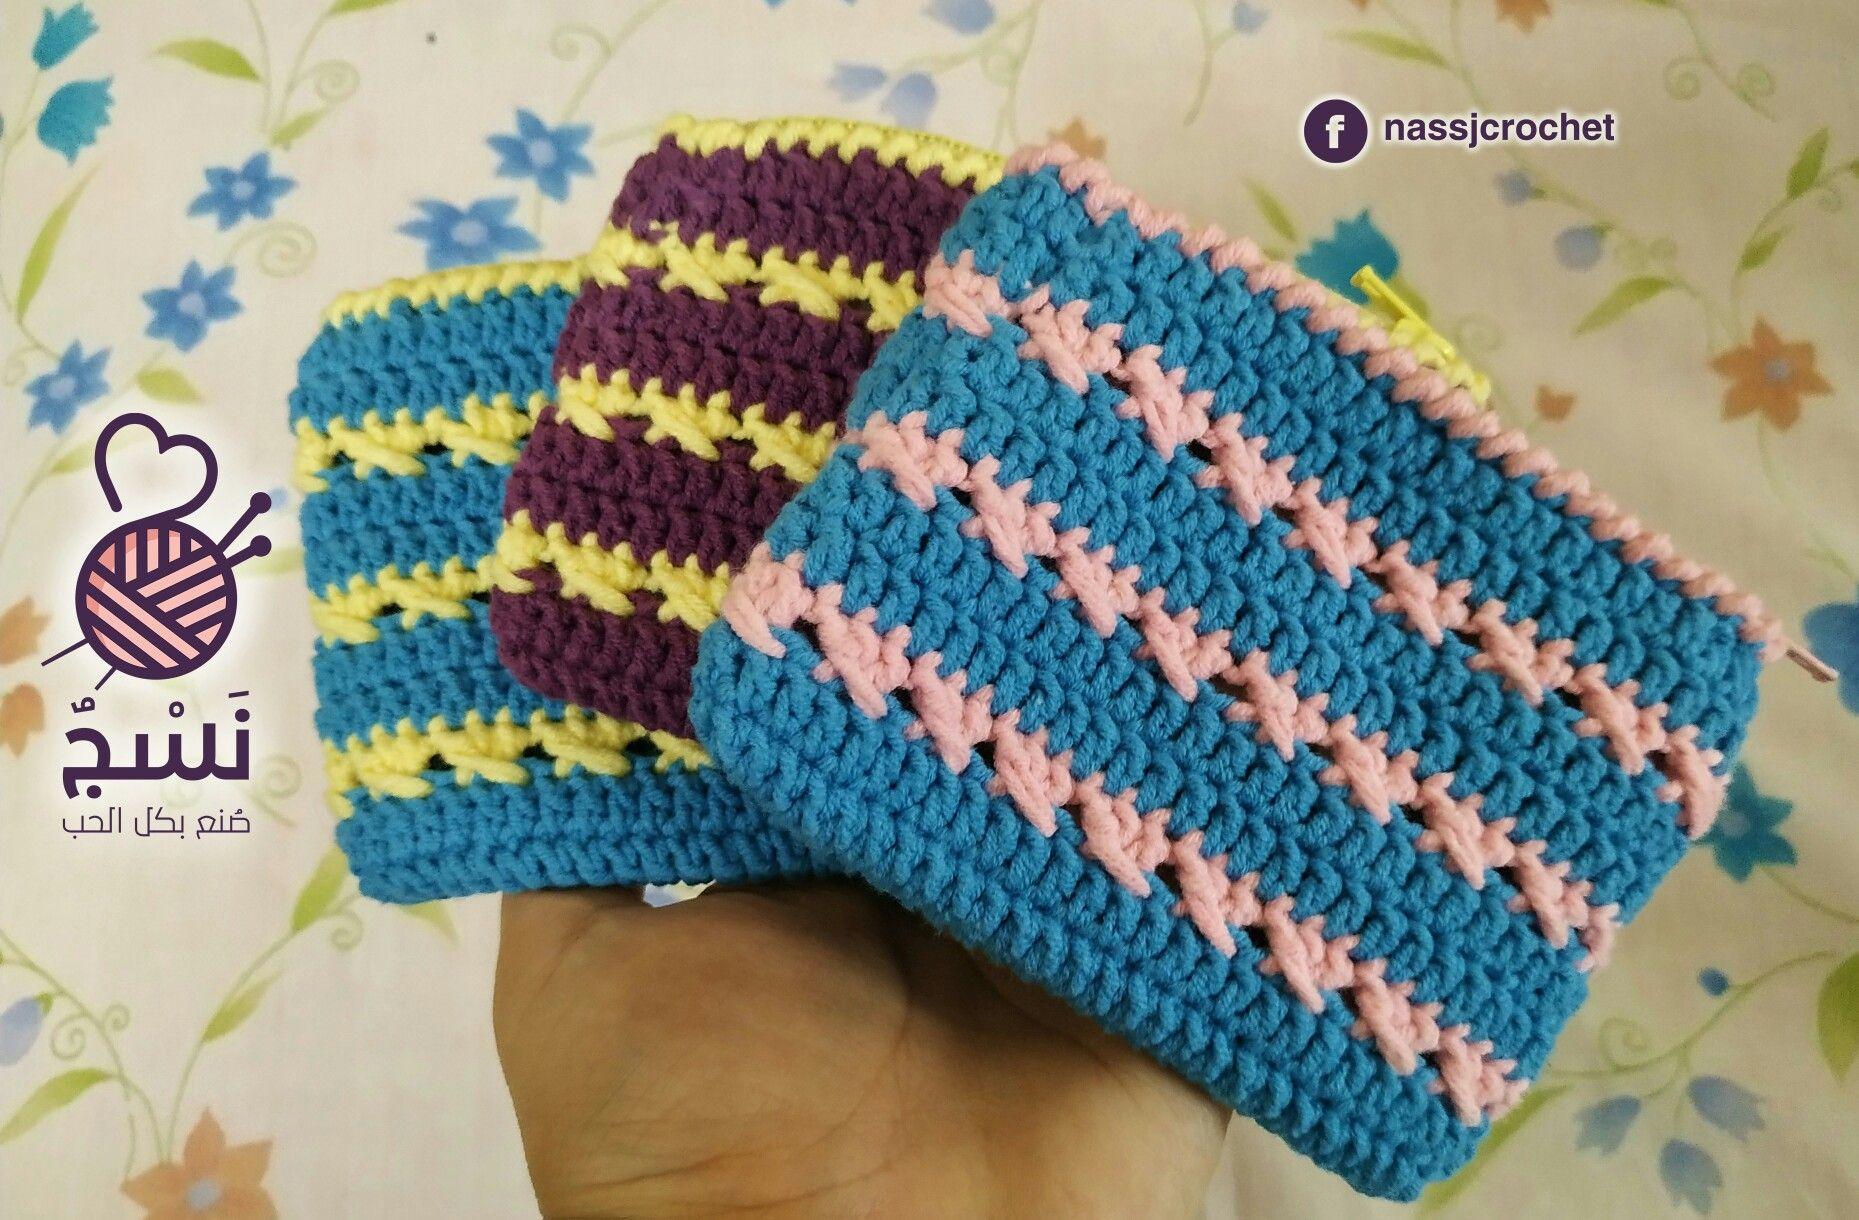 بوك الفكة الصغنون تشكيلة متنوعة من الألوان اتعملت مخصوص بكل حب ونحكى عالمميزات رقيق خفيف ألوان متنوعة بط Crochet Blanket Blanket Crochet